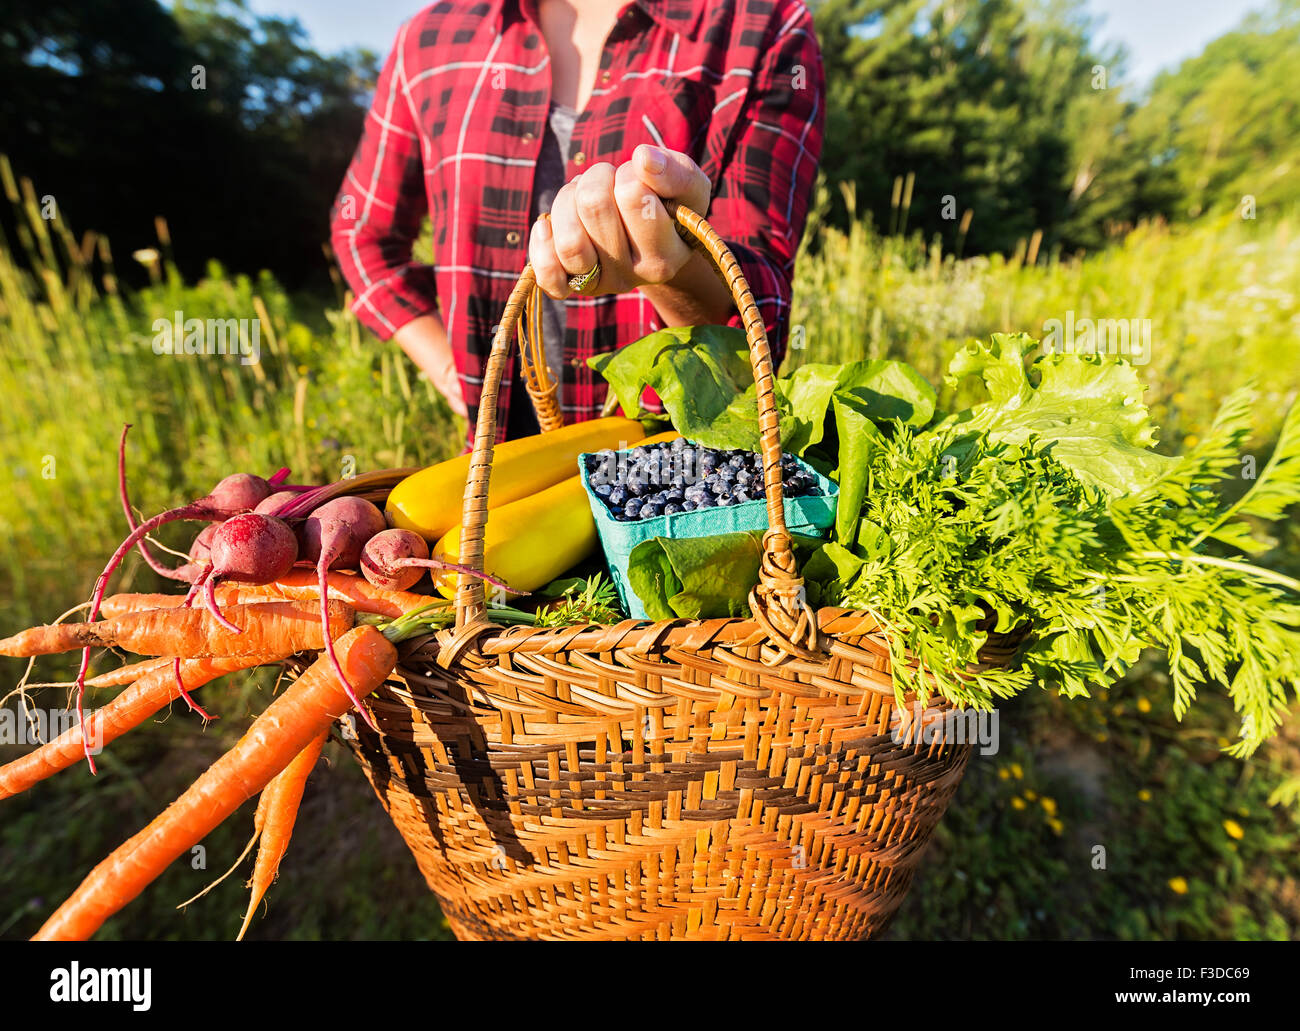 Mittleren Bereich der Frau hält Korb mit Obst und Gemüse Stockbild